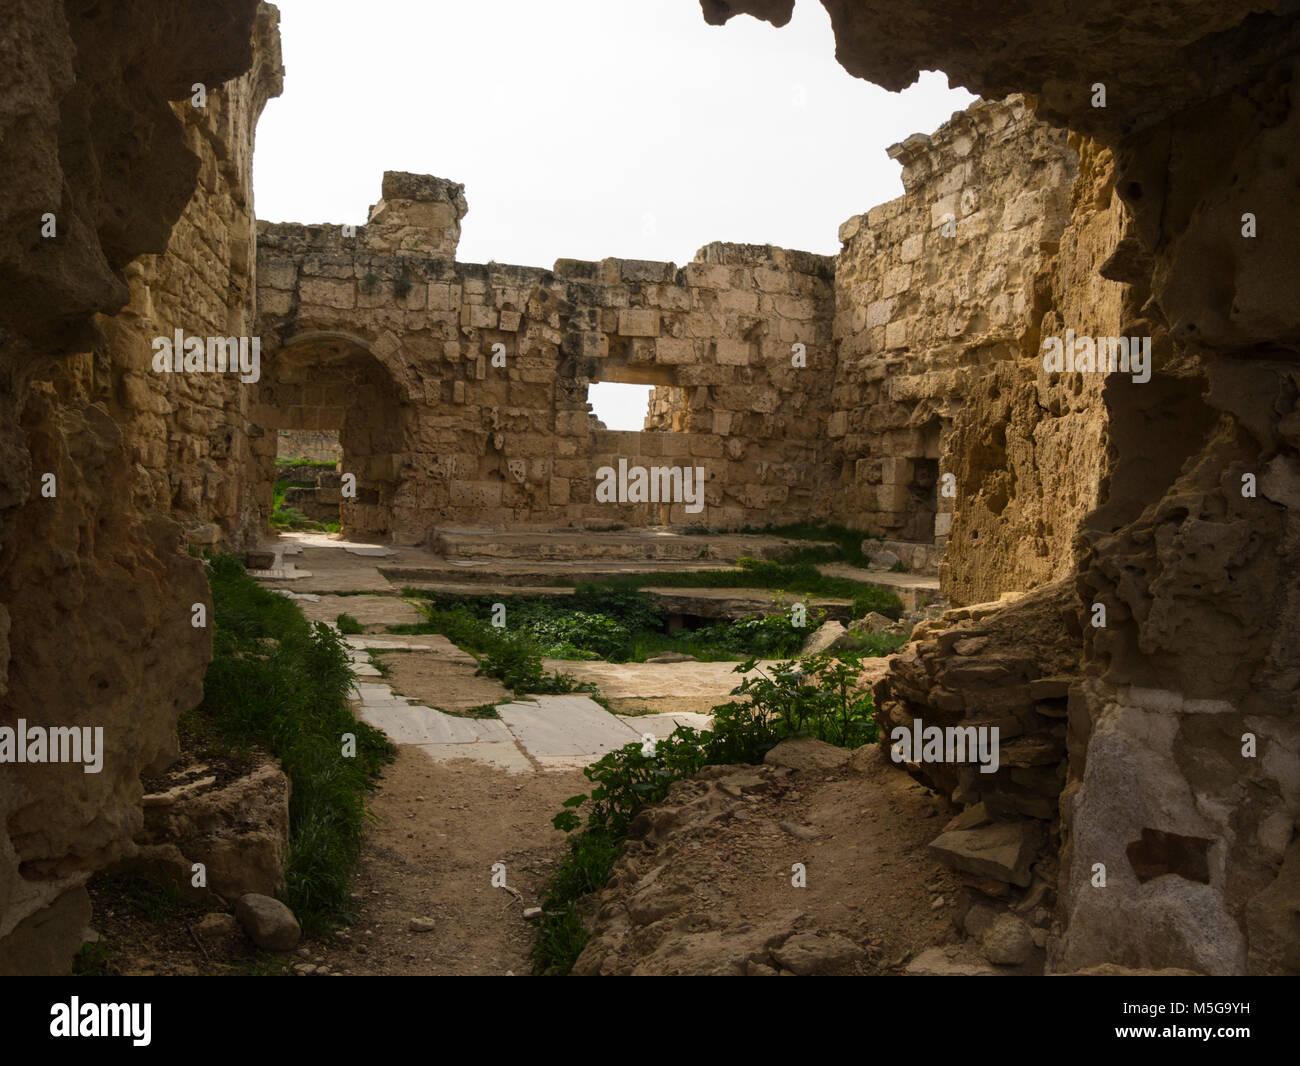 Le rovine di un grande salone con bagni area di scavo antica città romana di Salamina Famagusta Repubblica Turca Foto Stock